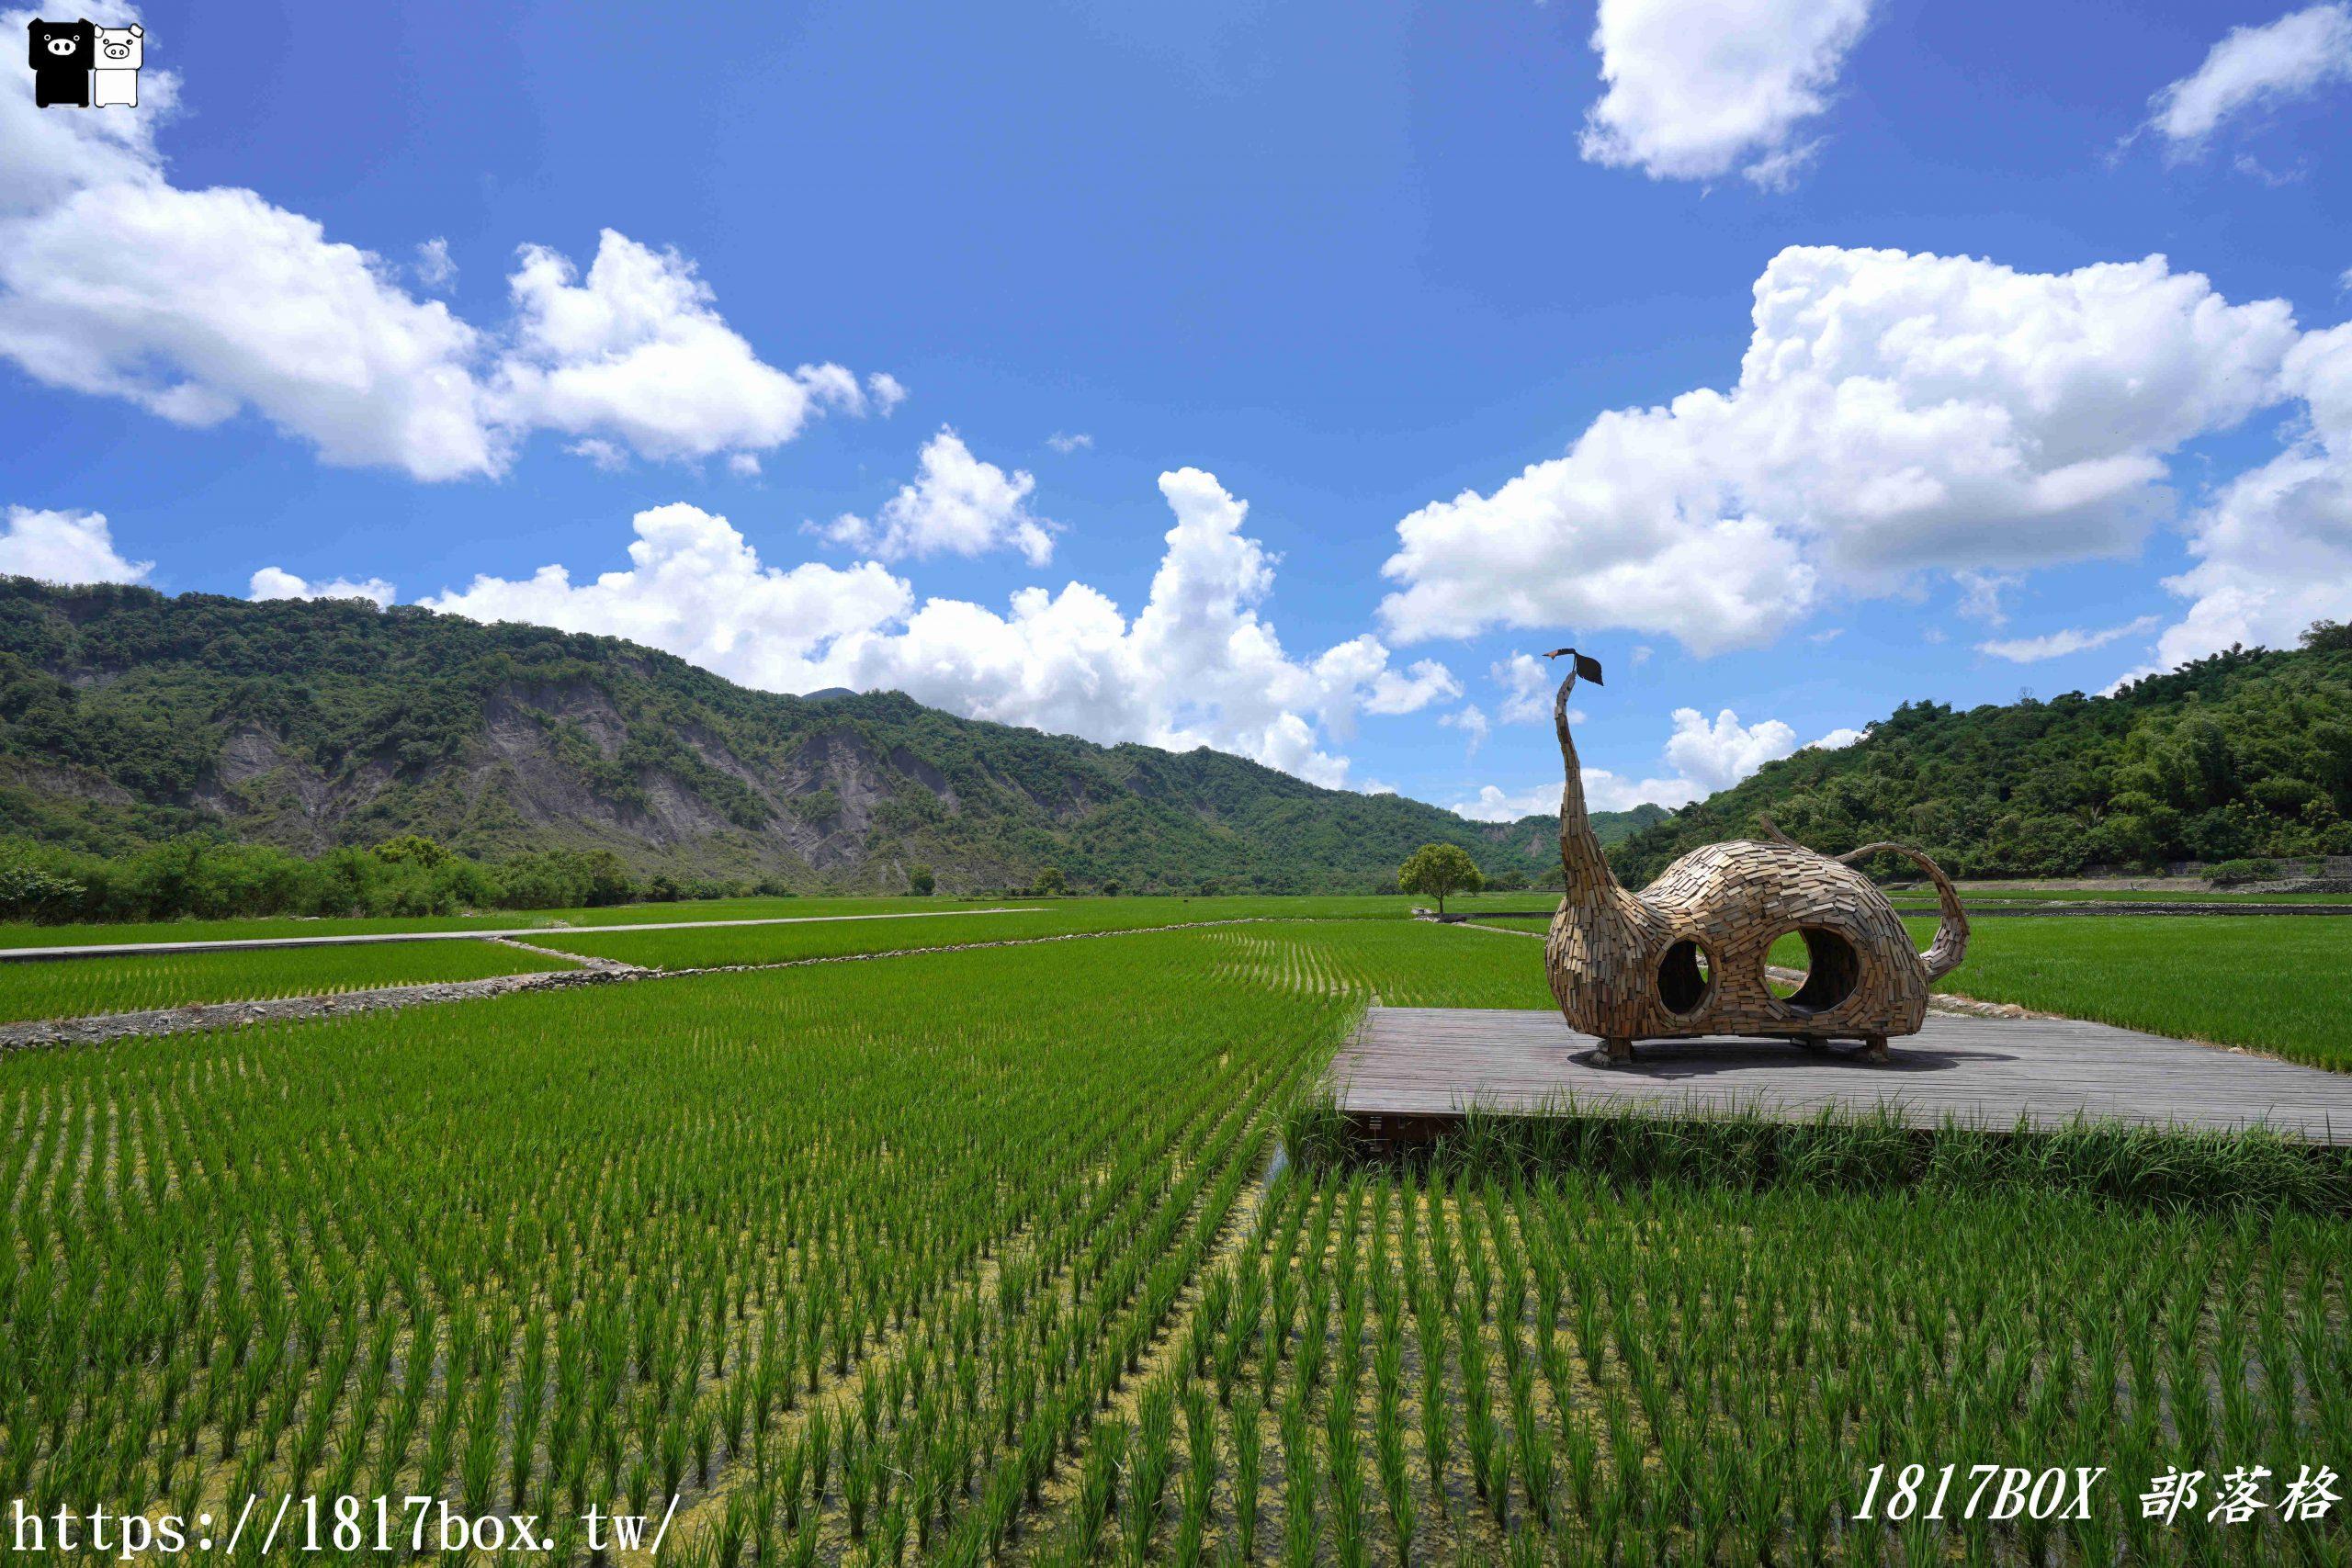 【懶人包】2021「漂鳥197-縱谷大地藝術季」。6組藝術地景創作。作品地圖 @1817BOX部落格